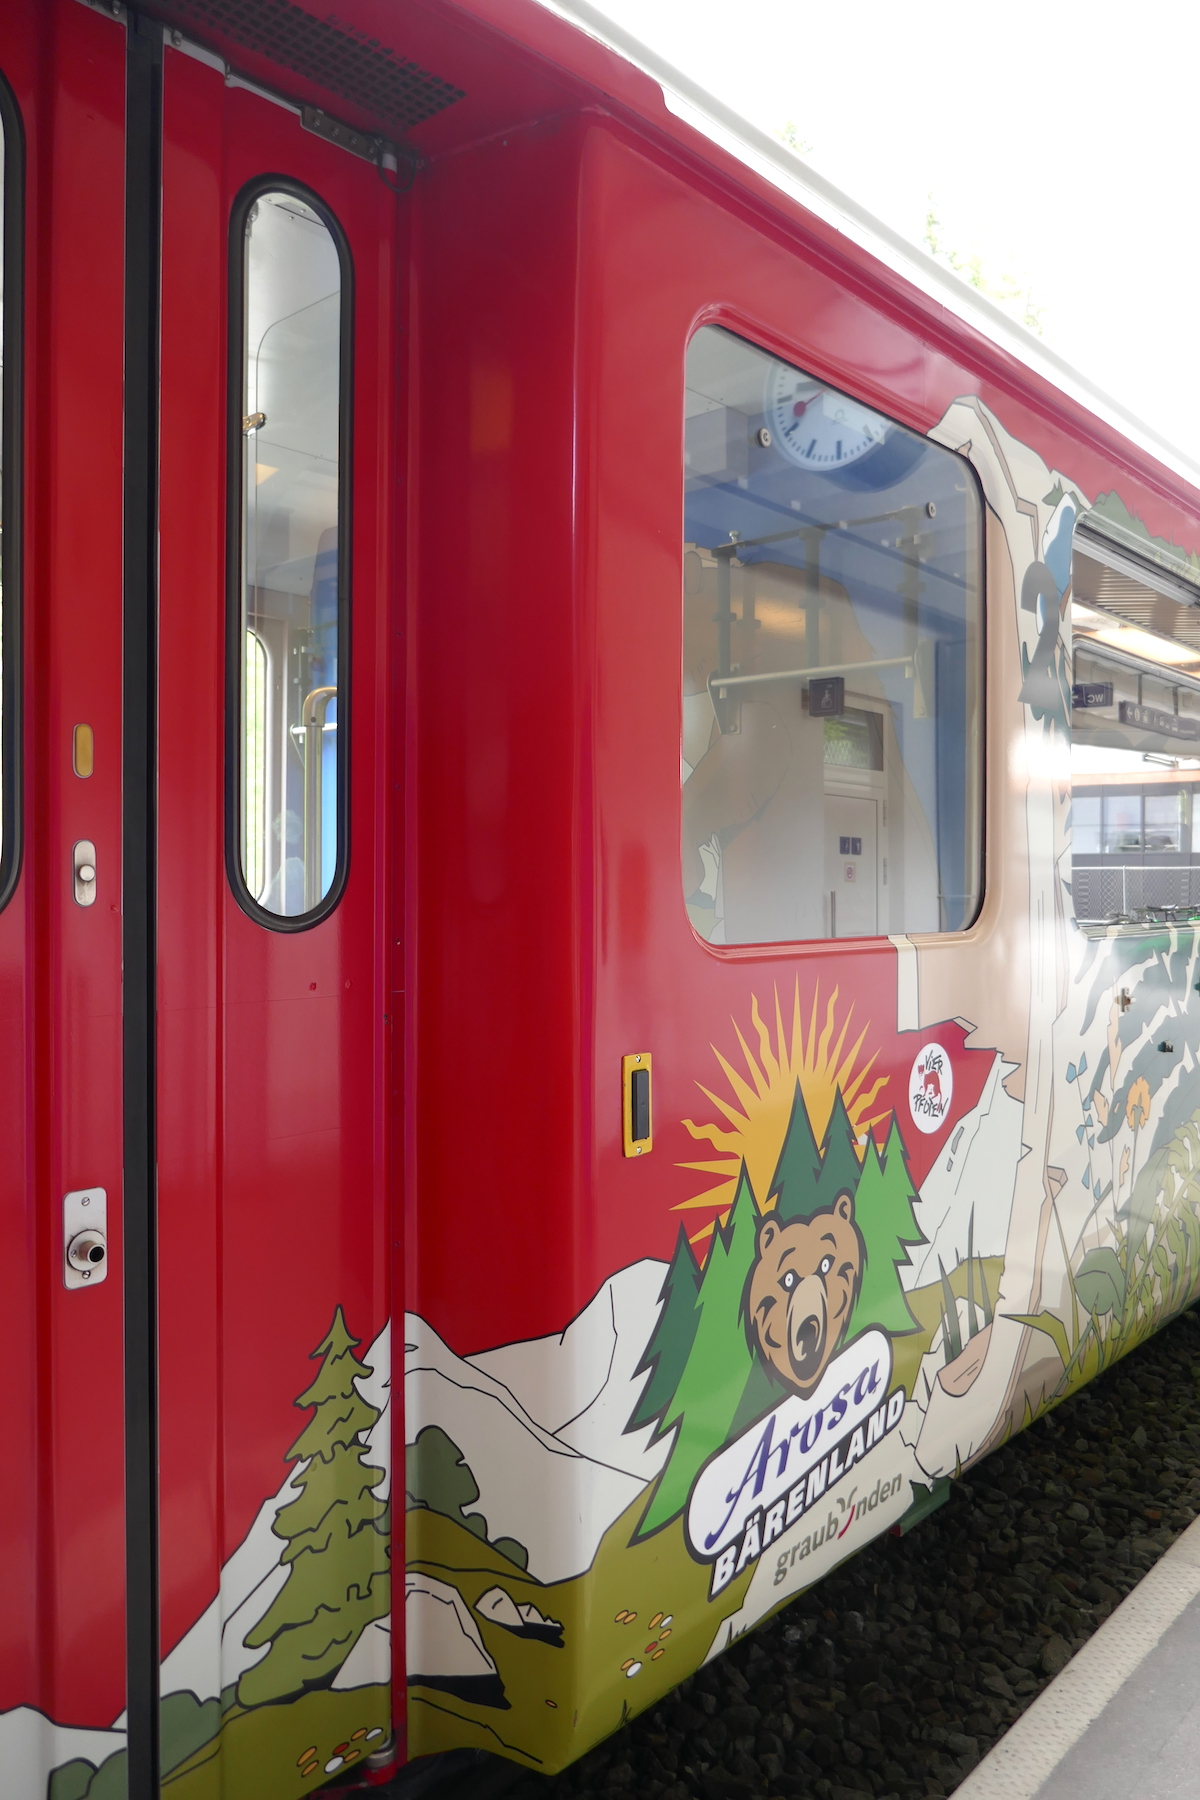 Anreise von Chur nach Arosa im Bärenwagen der Rhätischen Bahn